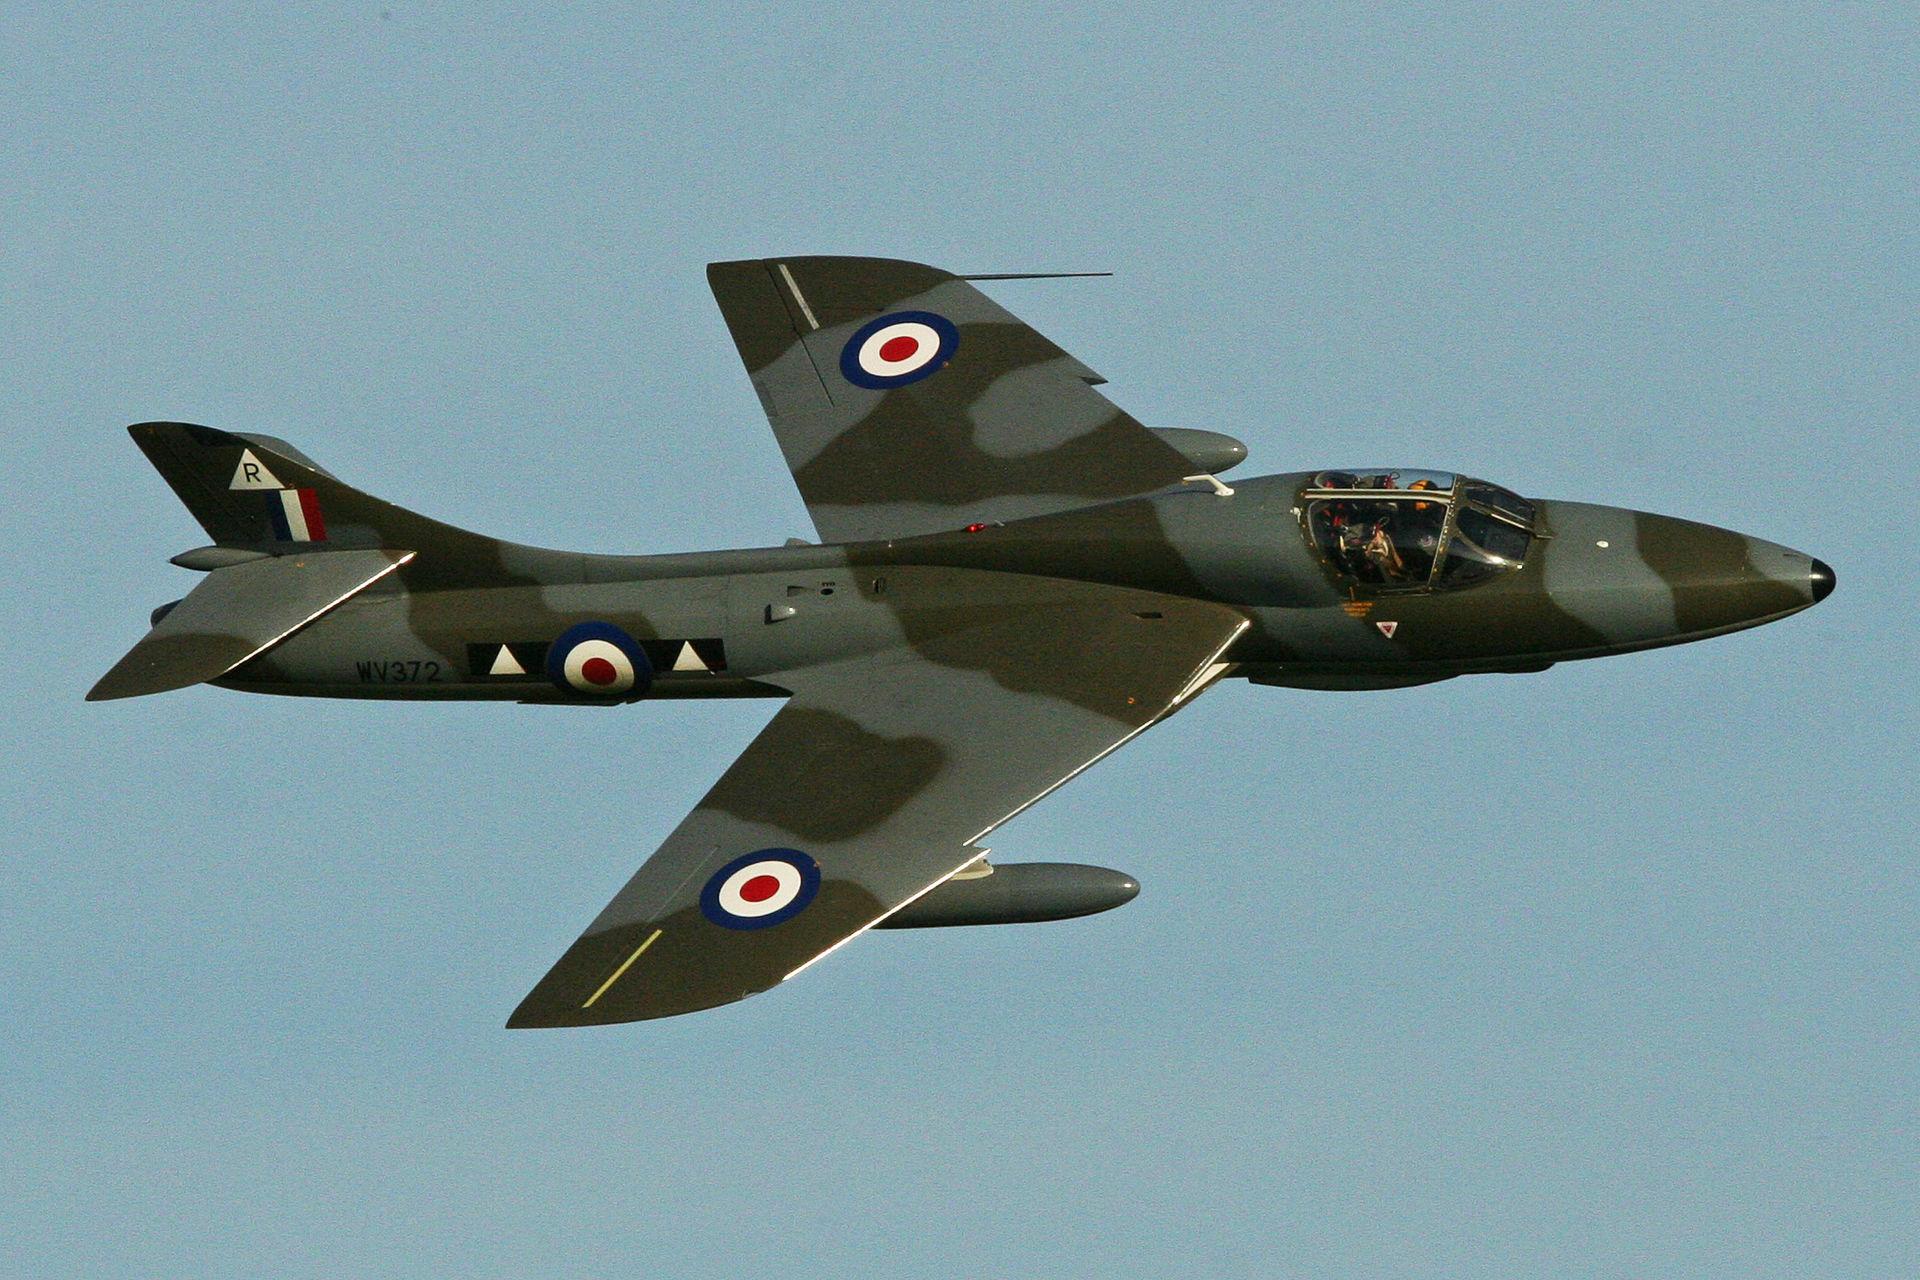 Suite à l'accident mortel lors du Shoreham Airshow, fin Aout 2015, la CAA a interdit de vol les Hawker Hunter et les manœuvres acrobatiques à tous les autres jets.